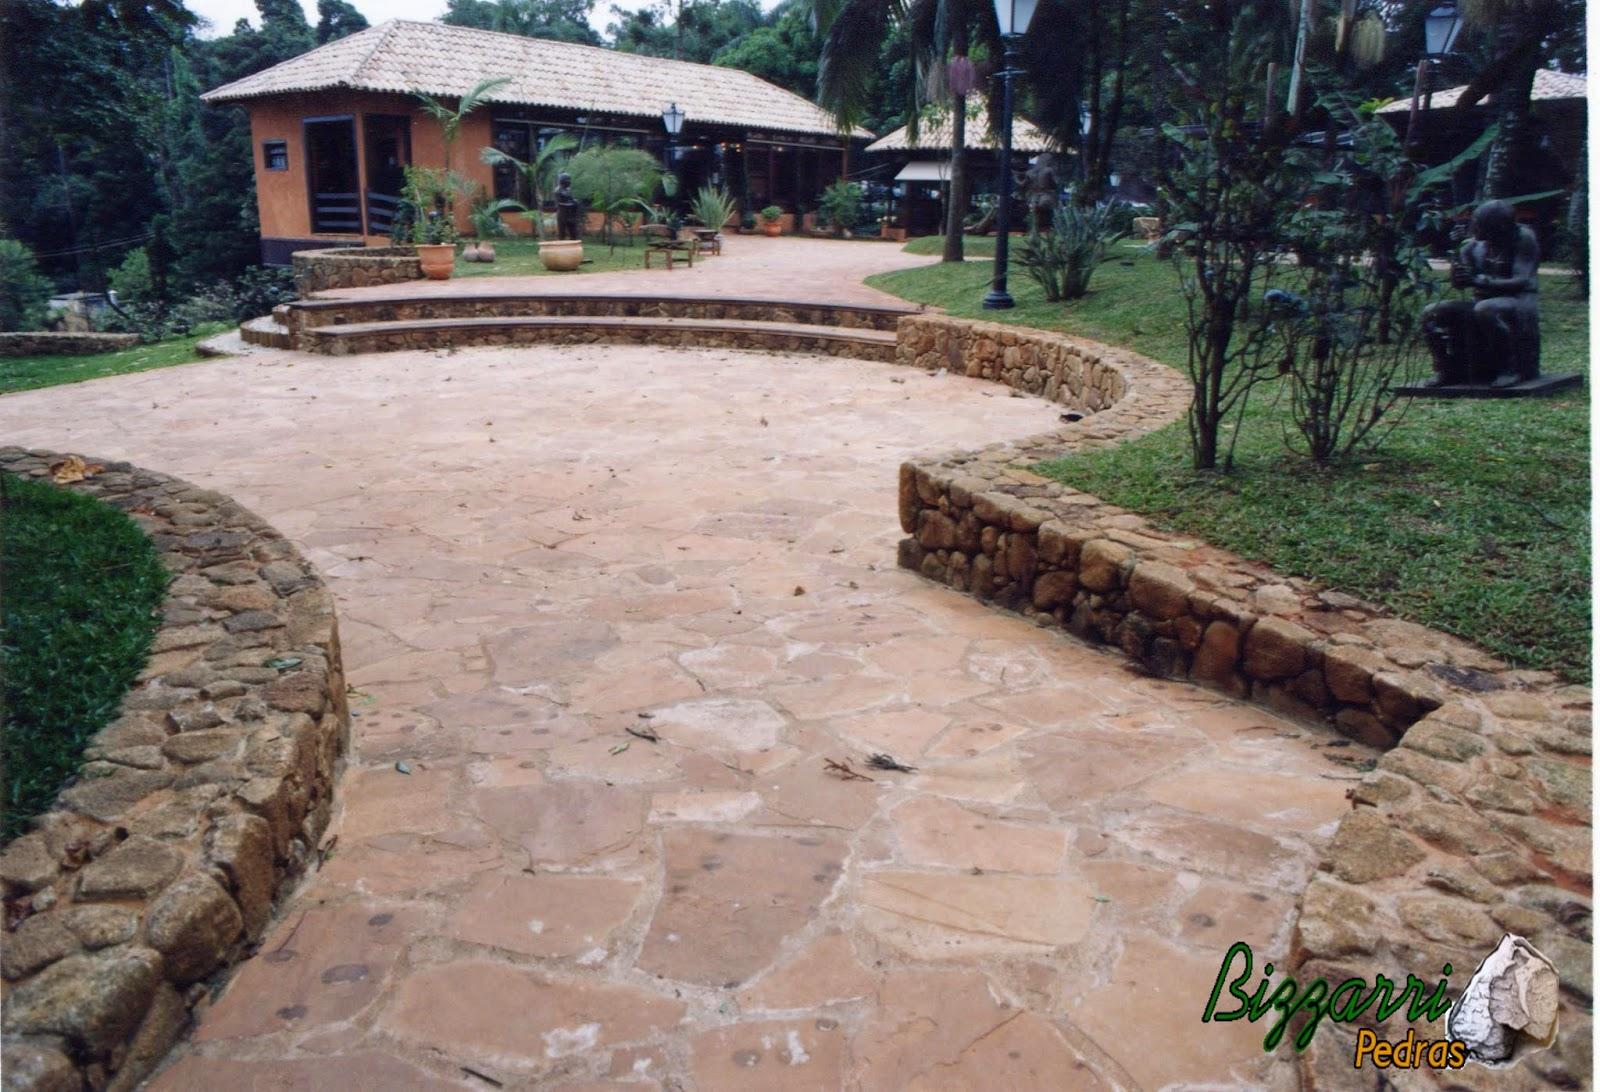 Execução do calçamento de pedra rústica com cacão de São Carlos no anfiteatro na Casa da Fazenda Morumbi com os muros de pedra e a escada de pedra.